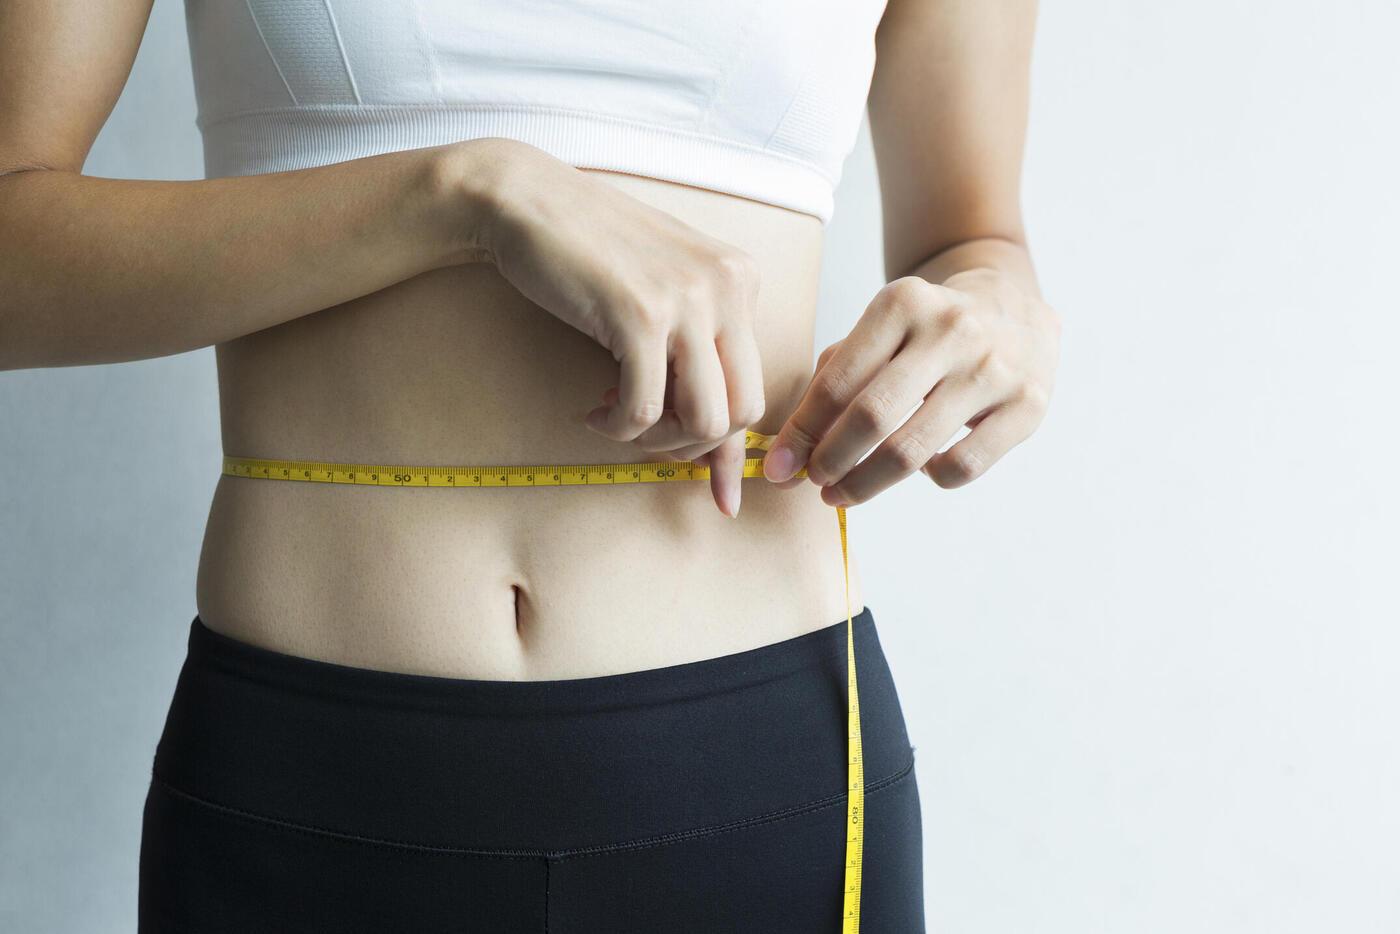 継続して効果UP!お腹の脂肪を落とす方法3選 | LIFE STYLE | SANYO ...